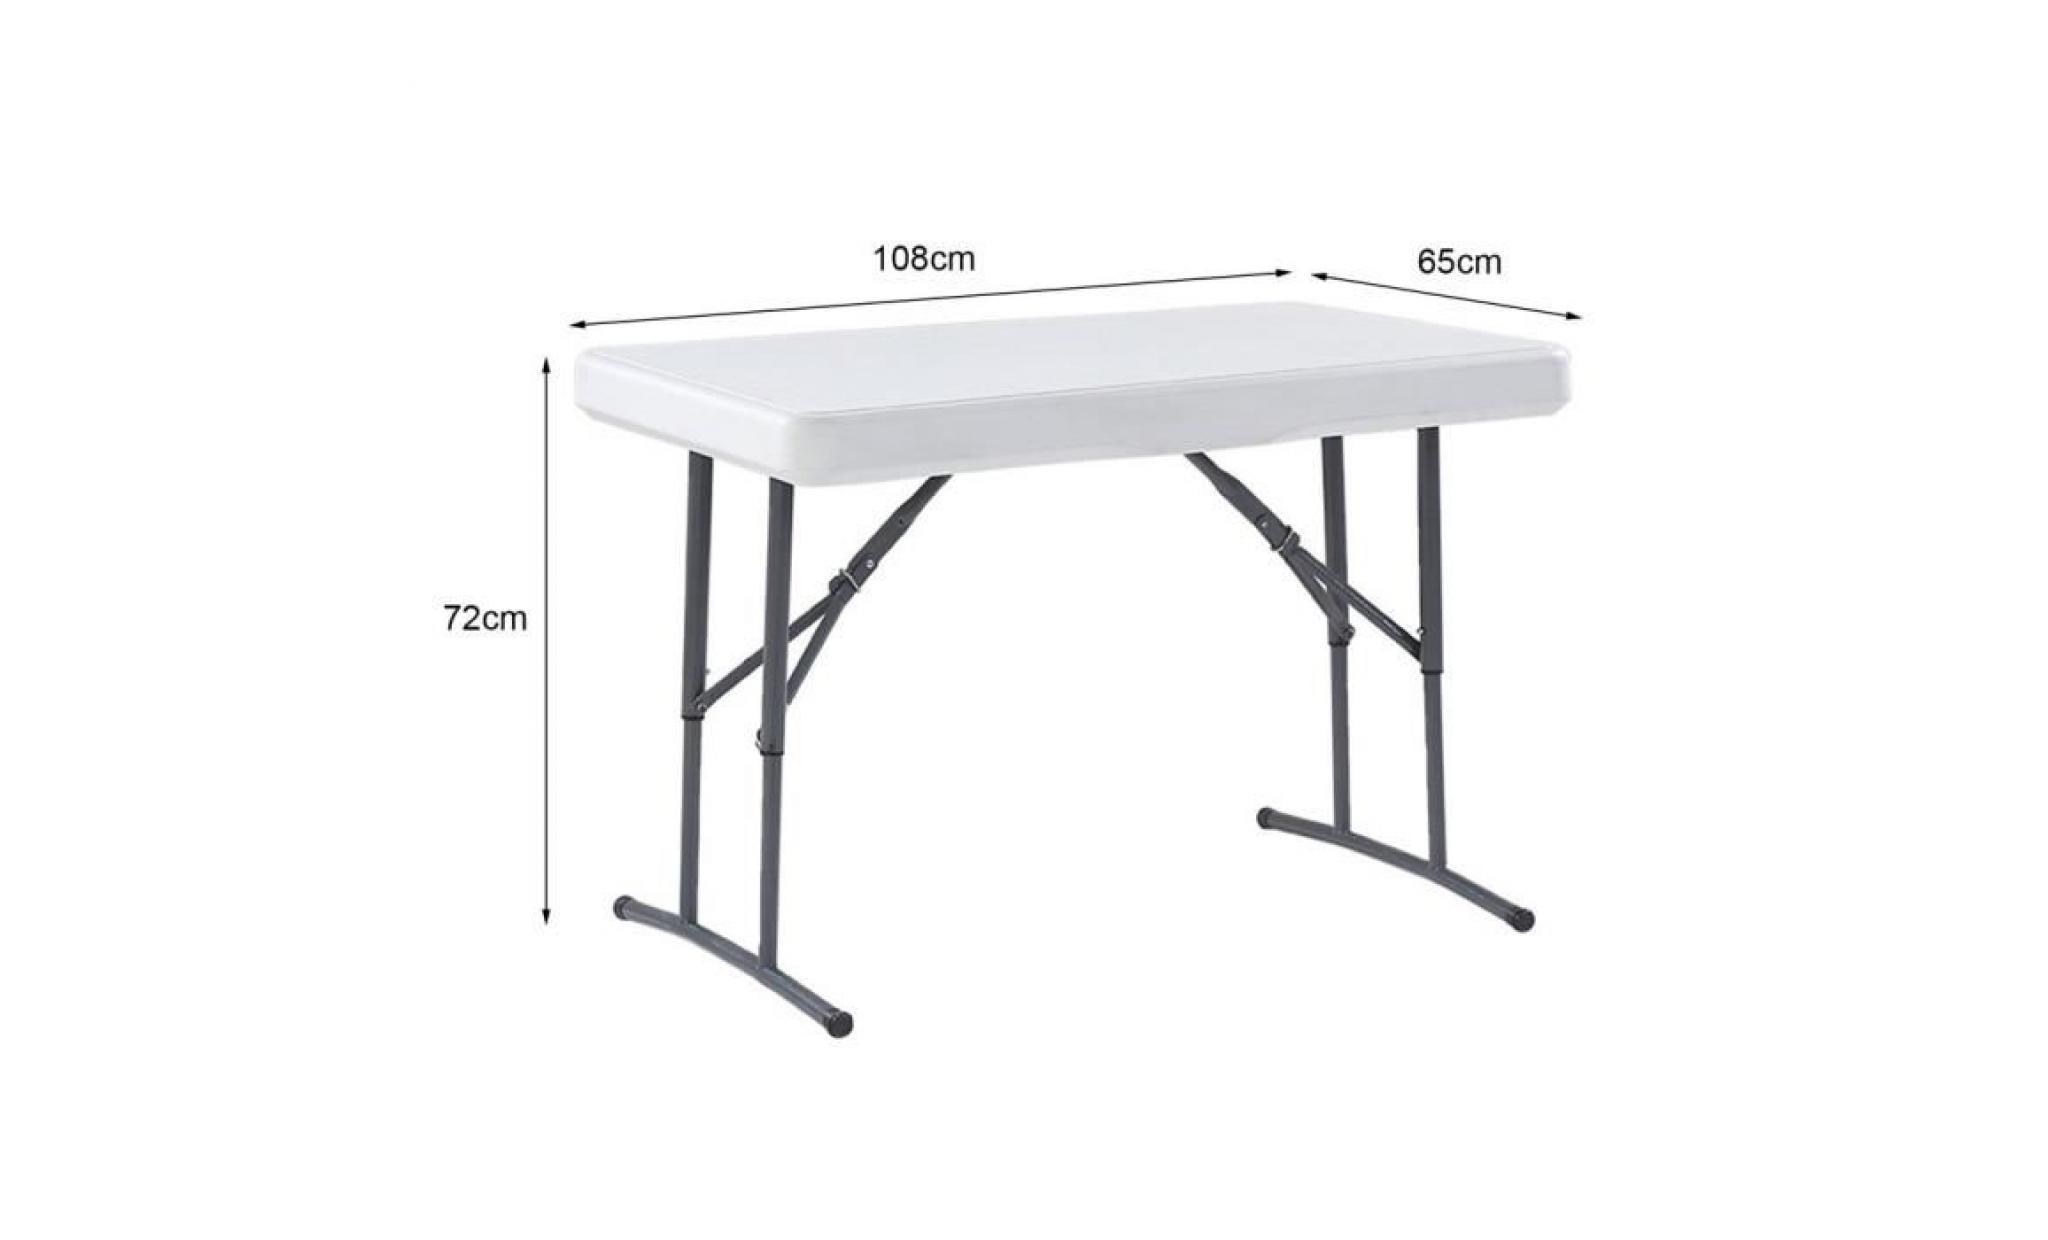 Pliable Table 2 Tabourets Kit De Table A Manger Pour 4 Personnes Pour Voyage Camping Taille Du Bureau 108 65 72cm Taille De